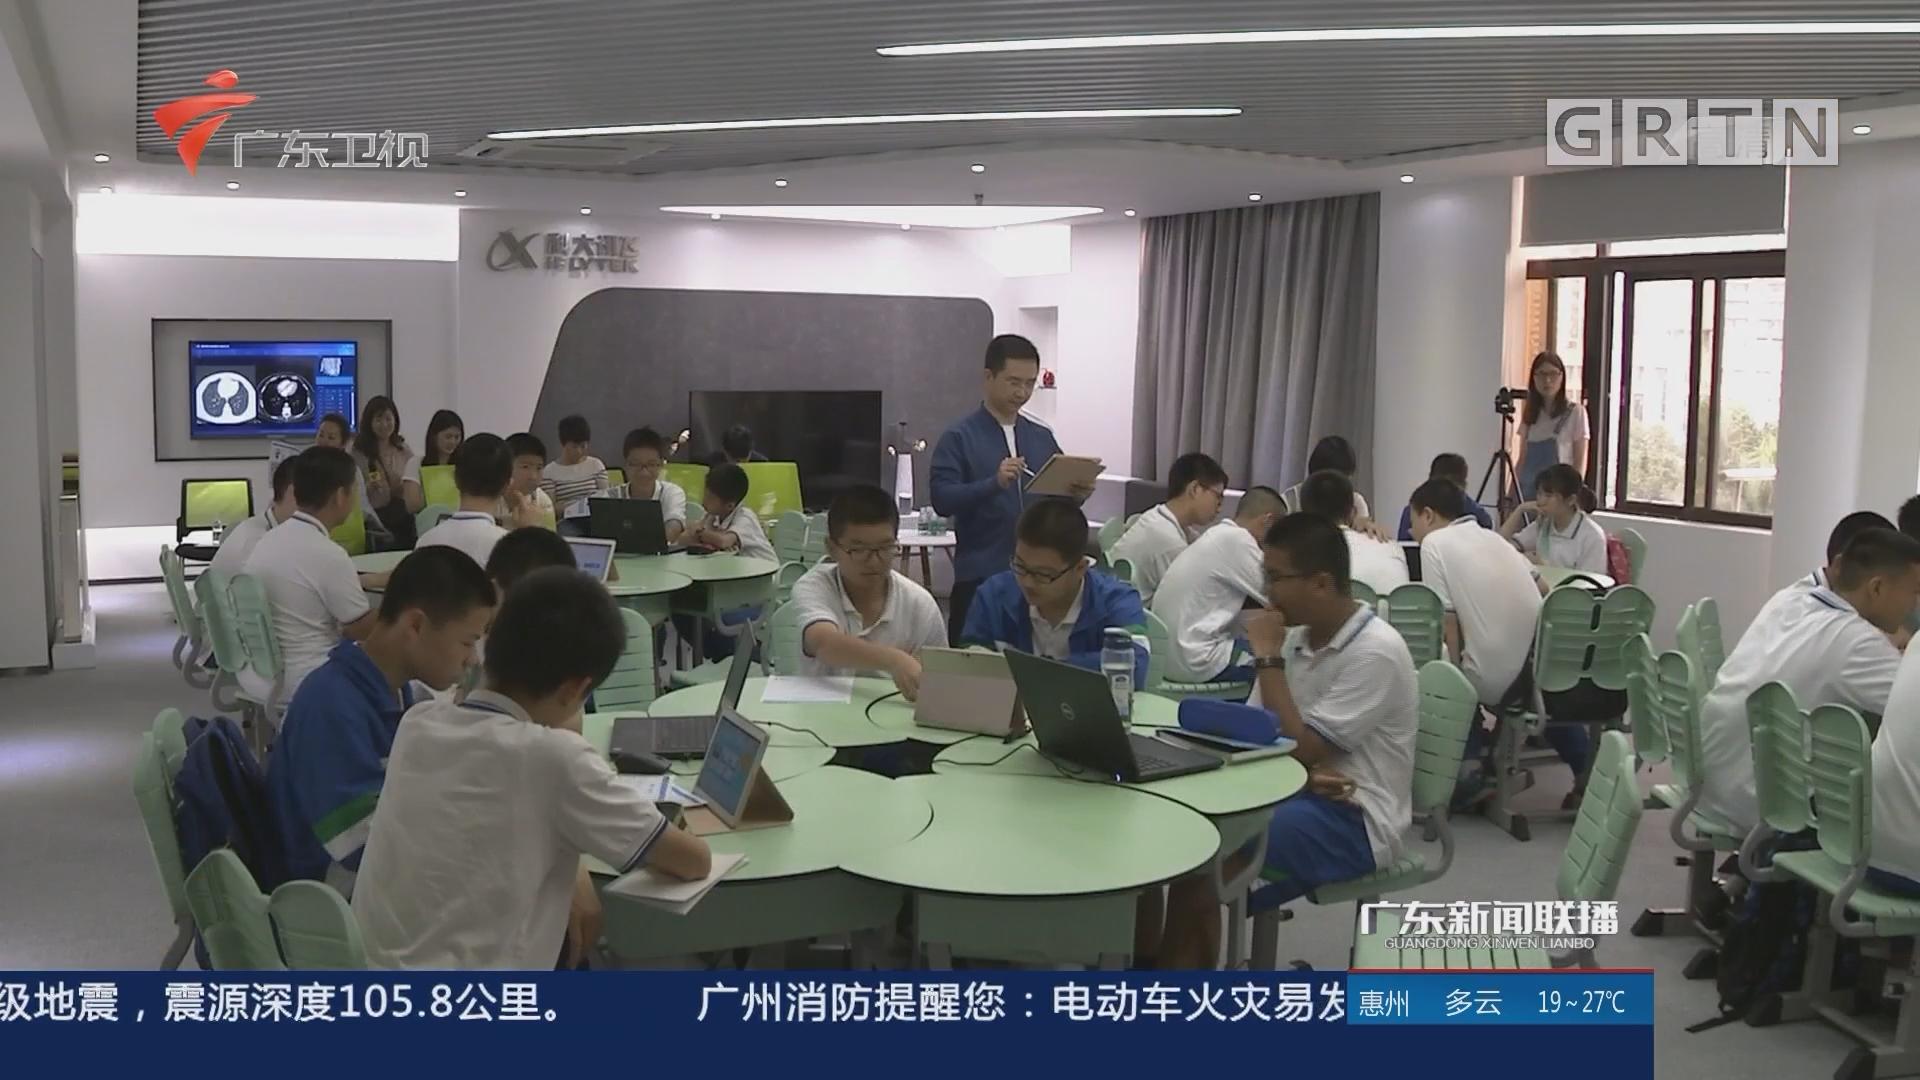 """""""人工智能""""课程首次进入广东中学课堂"""